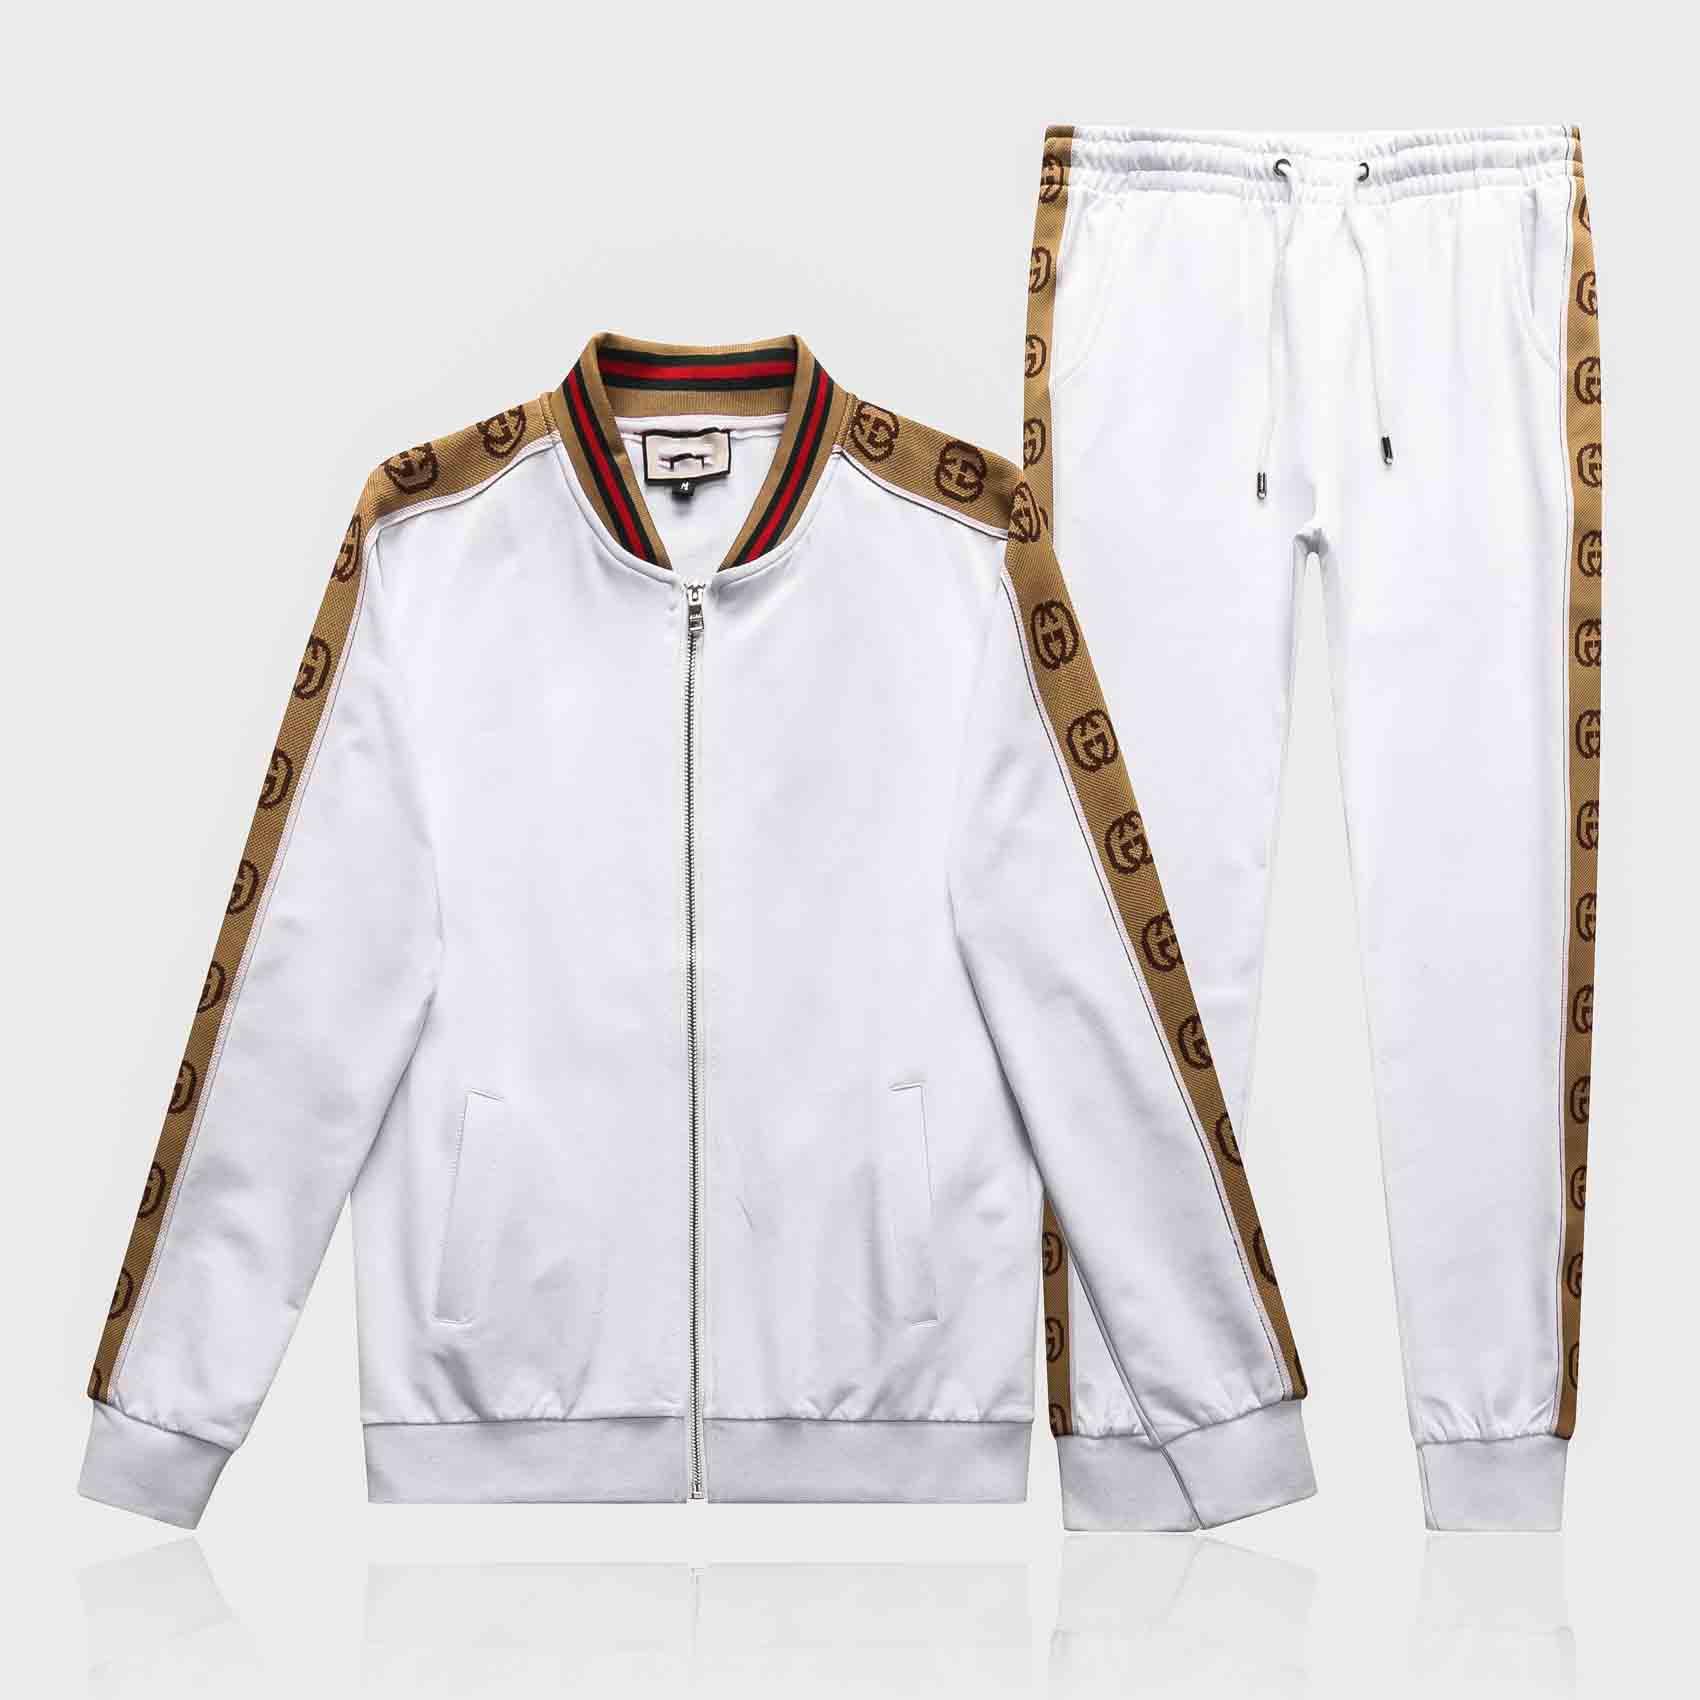 가을 남자의 전체 우편 운동복 남성 스포츠 정장 흰색 긴 소매 남자 셔츠와 바지 정장 까마귀와 바지 세트 운동복 남성